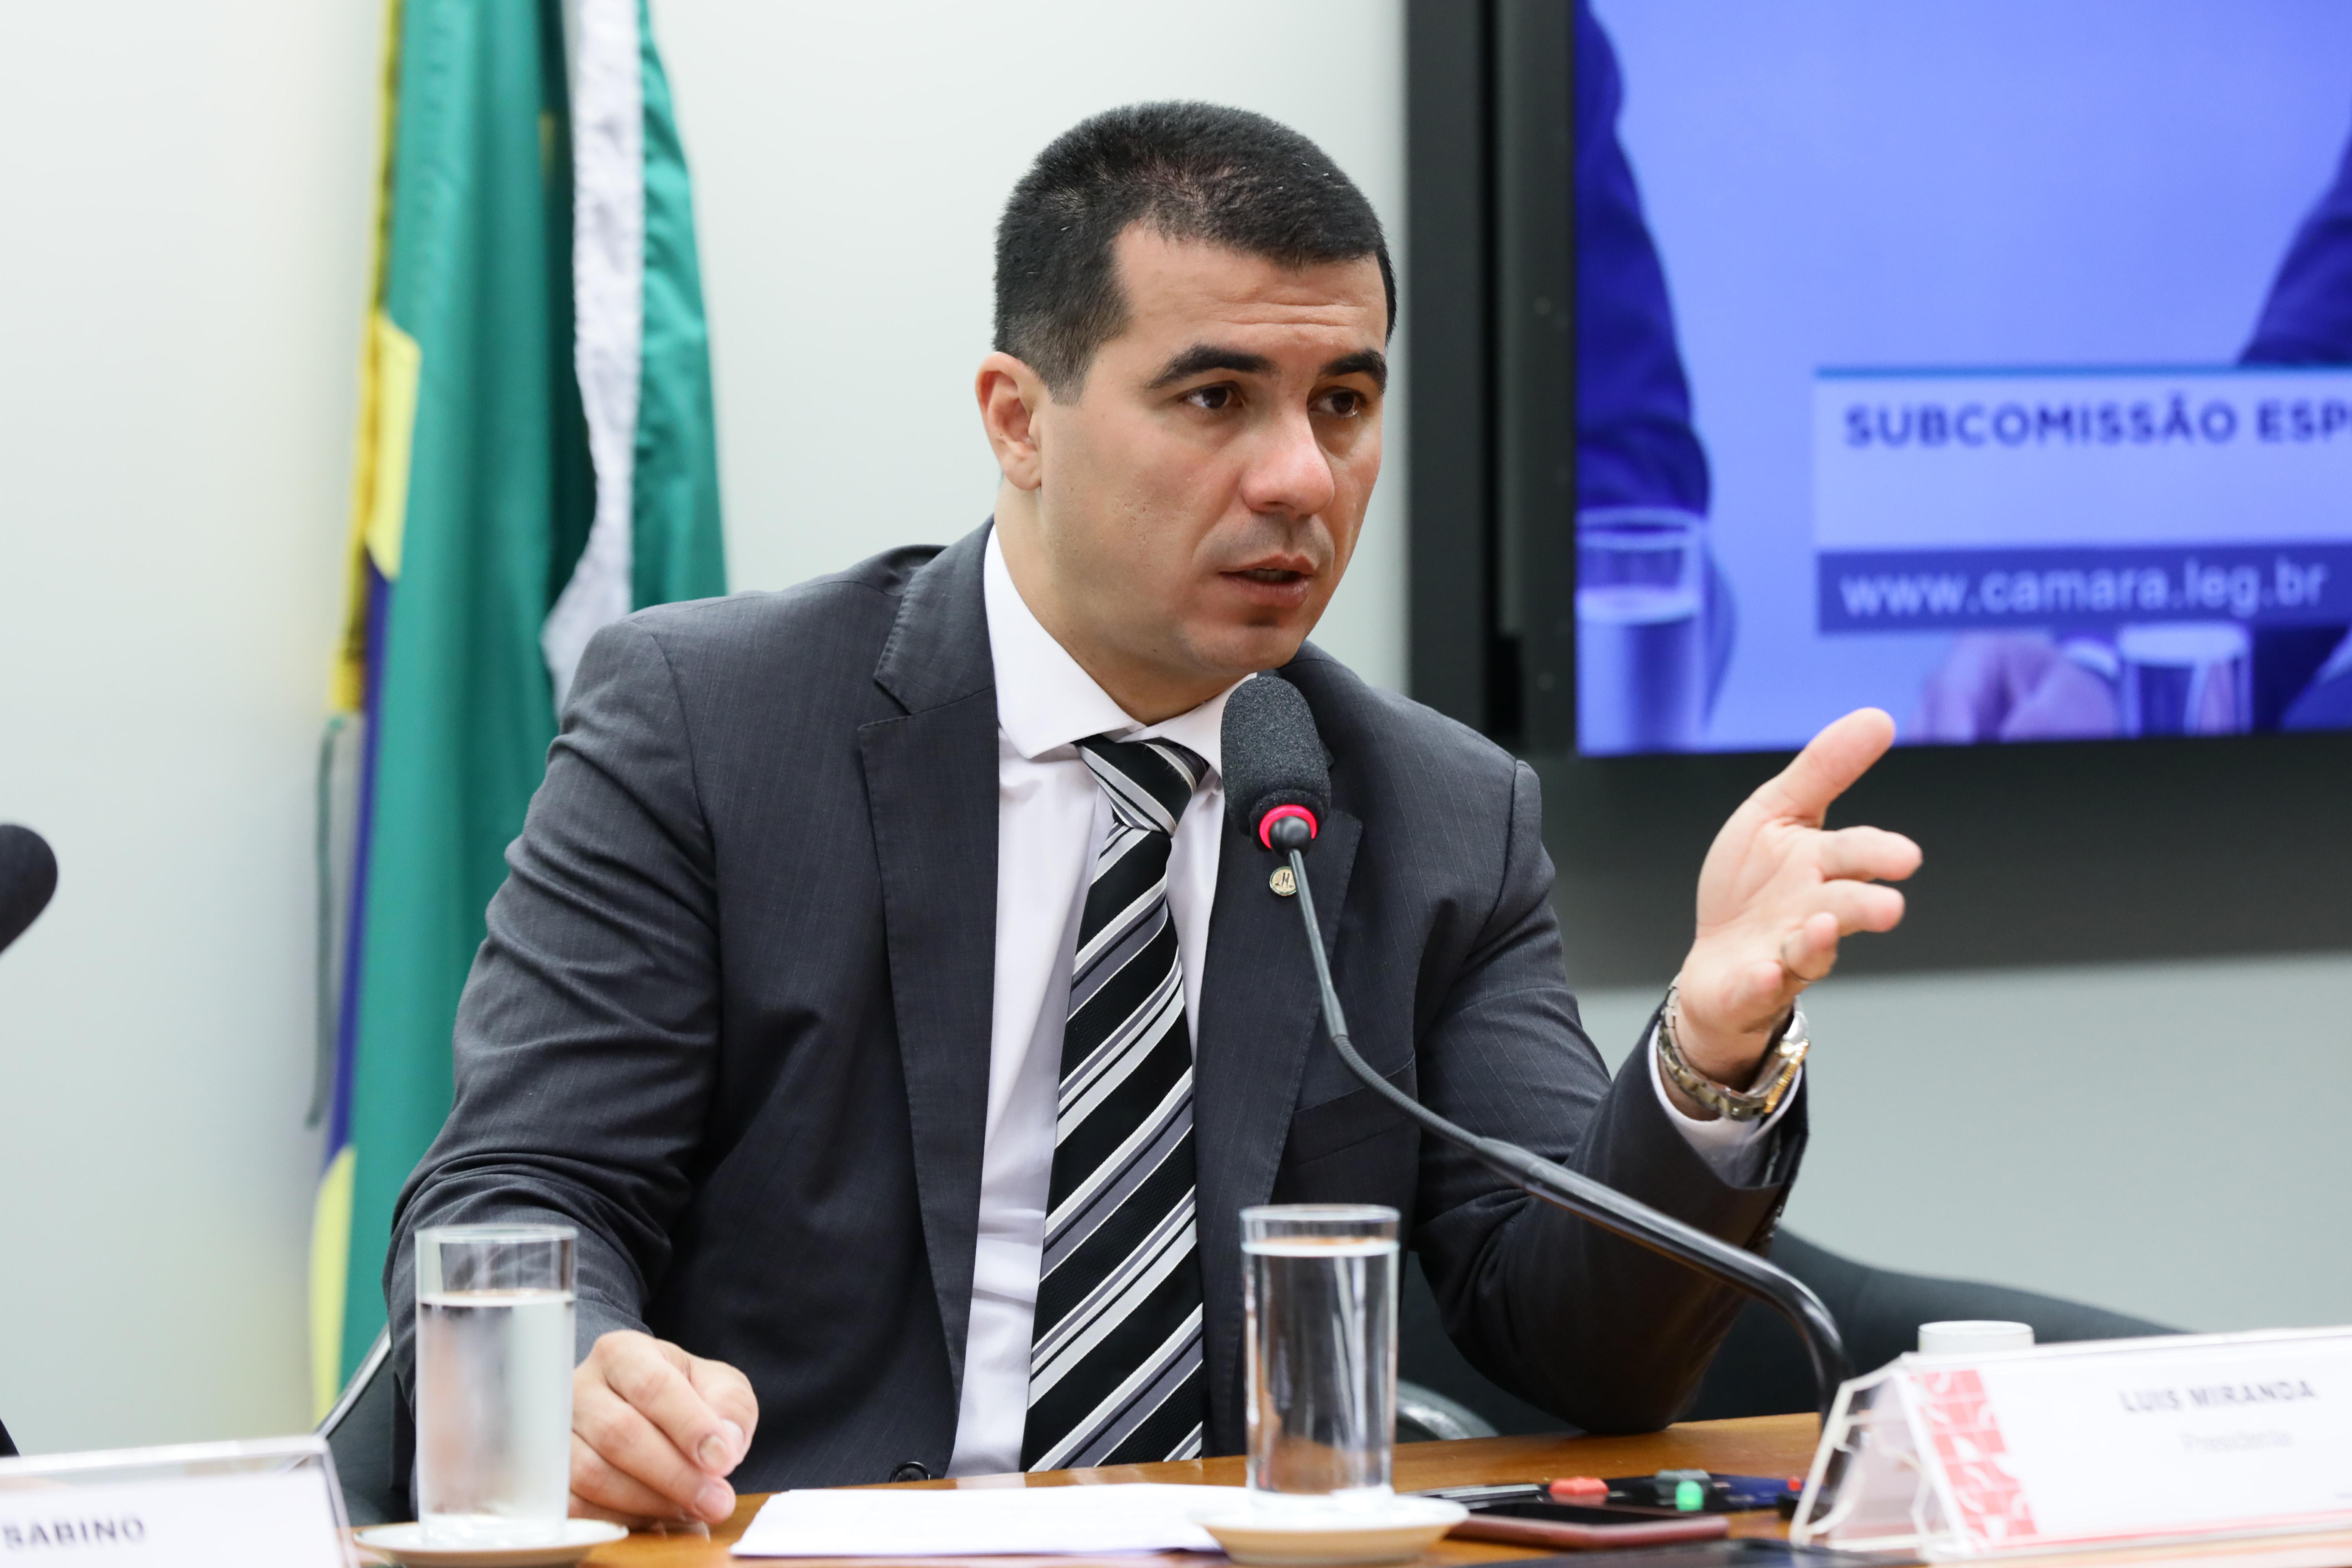 Reunião Extraordinária. Dep. Luis Miranda (DEM-DF)